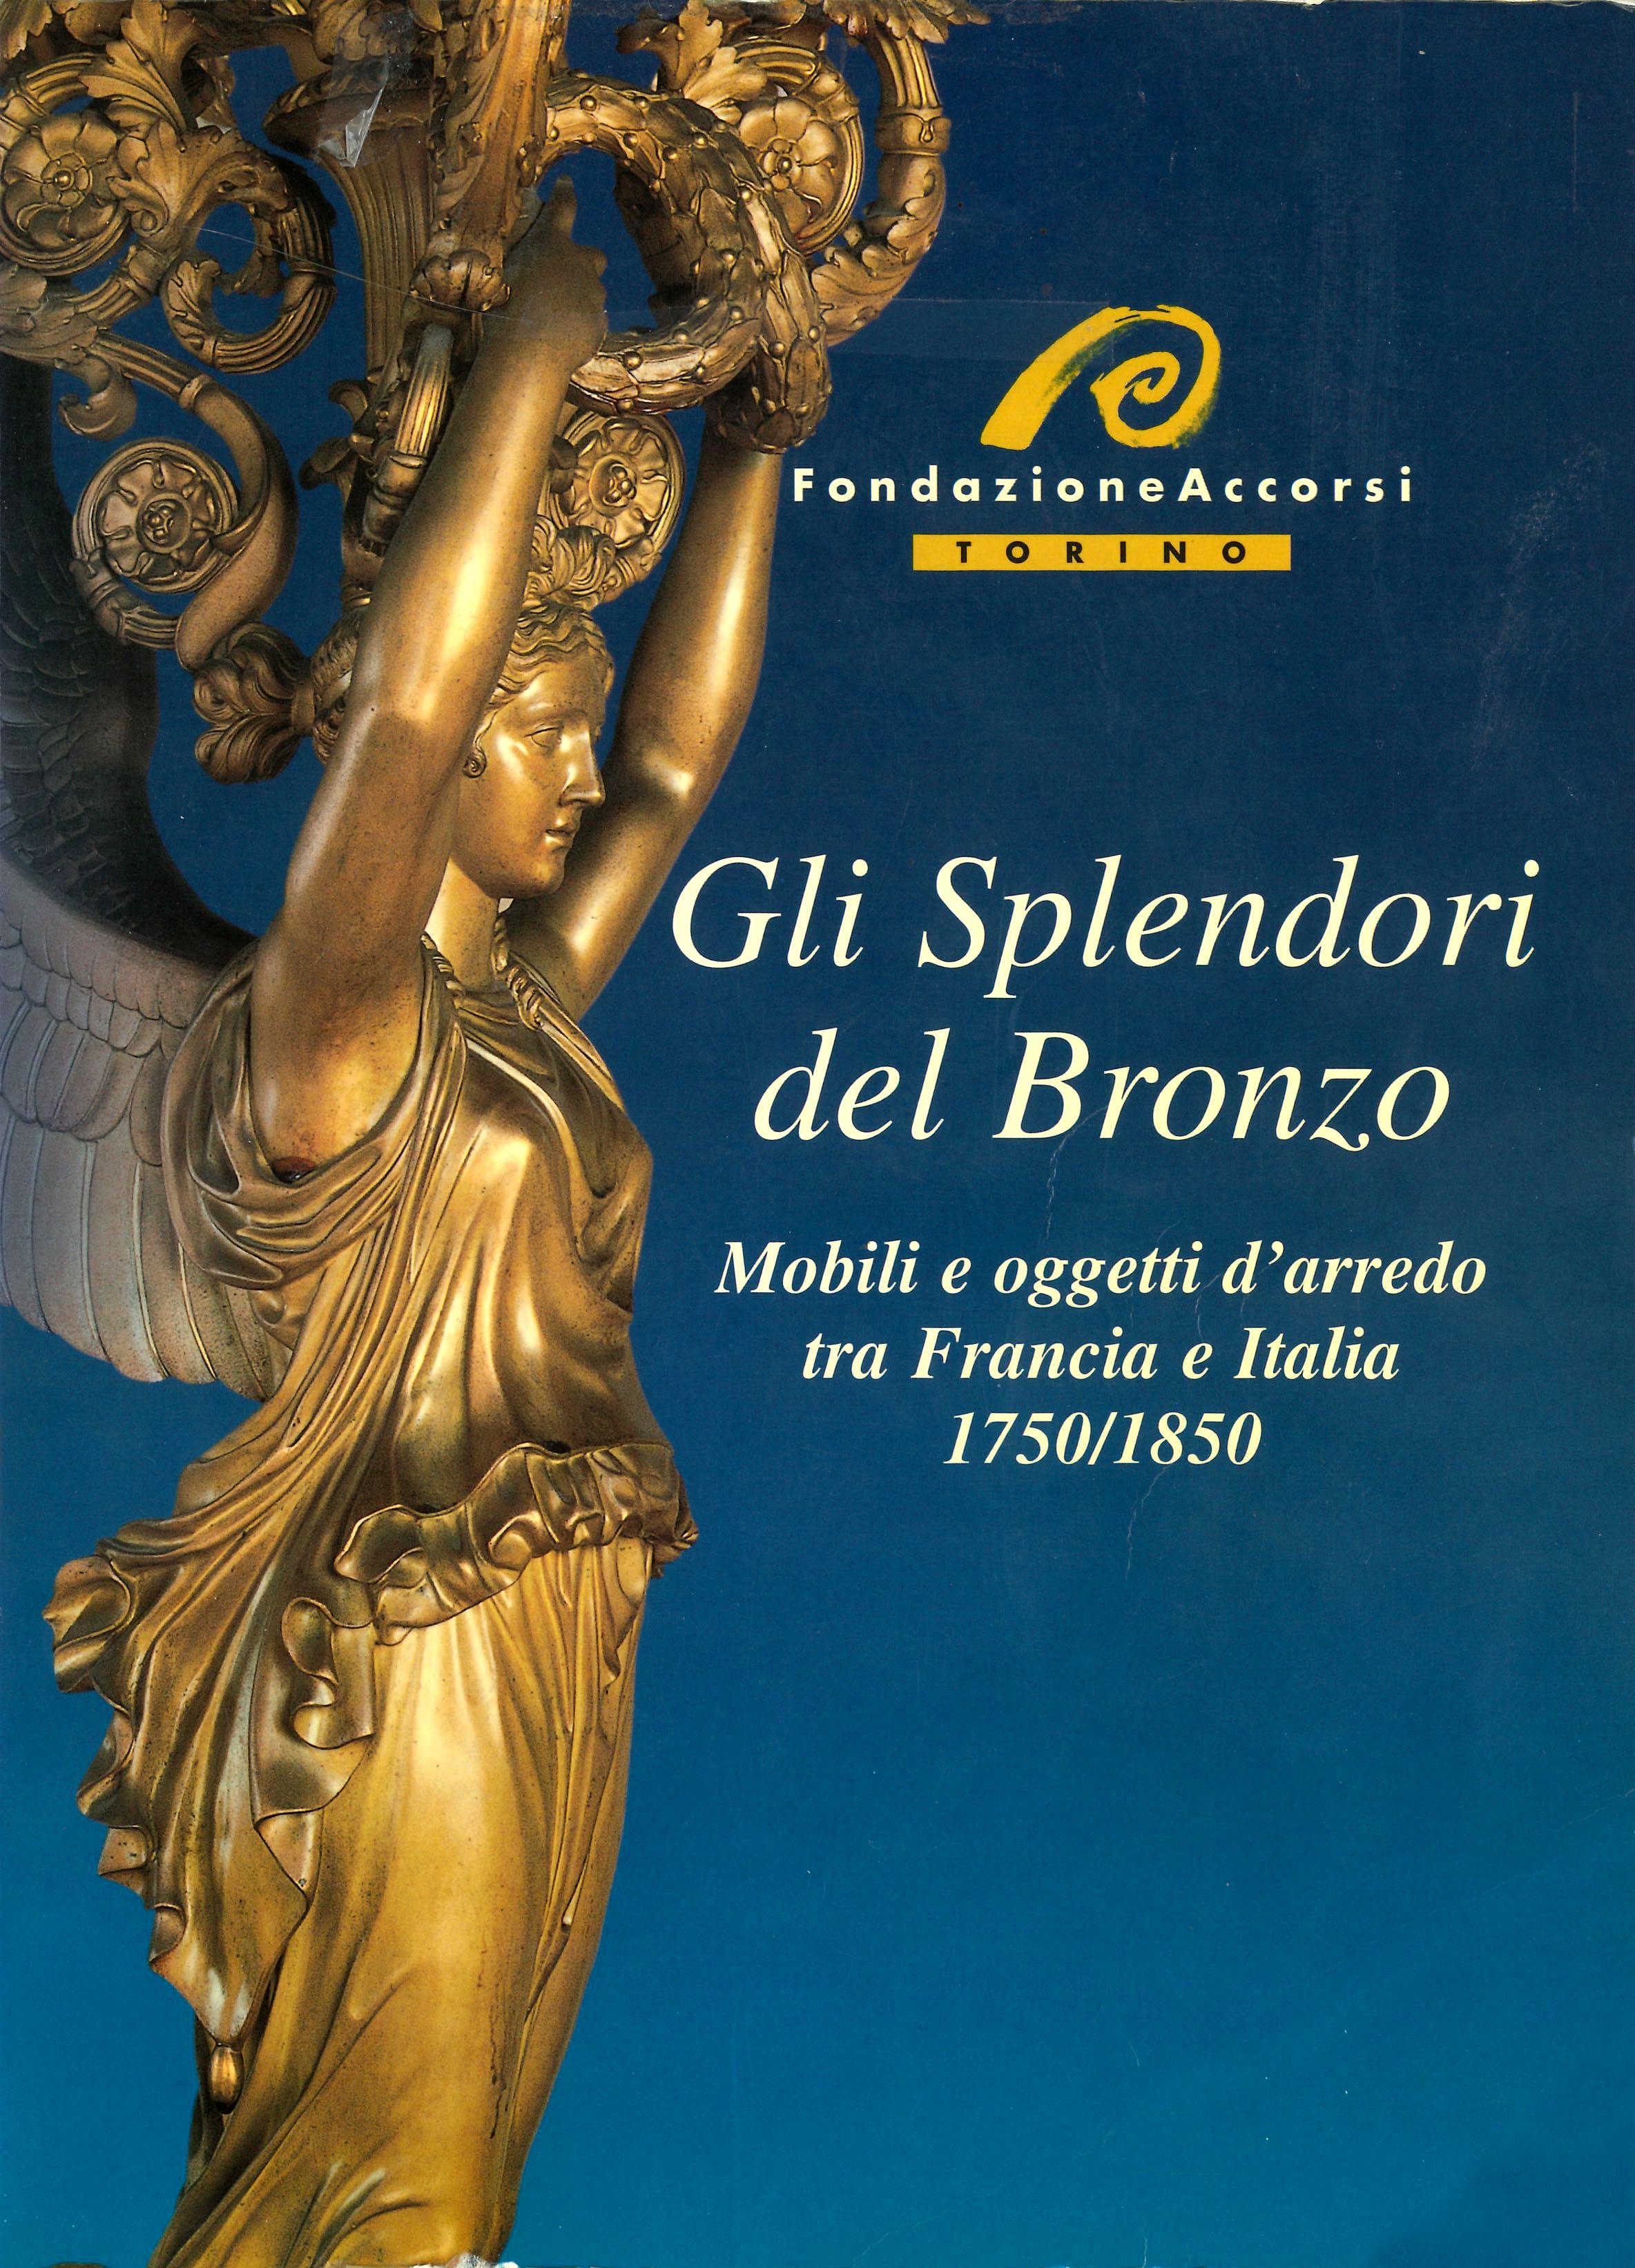 Gli Splendori del Bronzo – Mobili e oggetti d'arredo tra Francia e Italia – 1750/1850